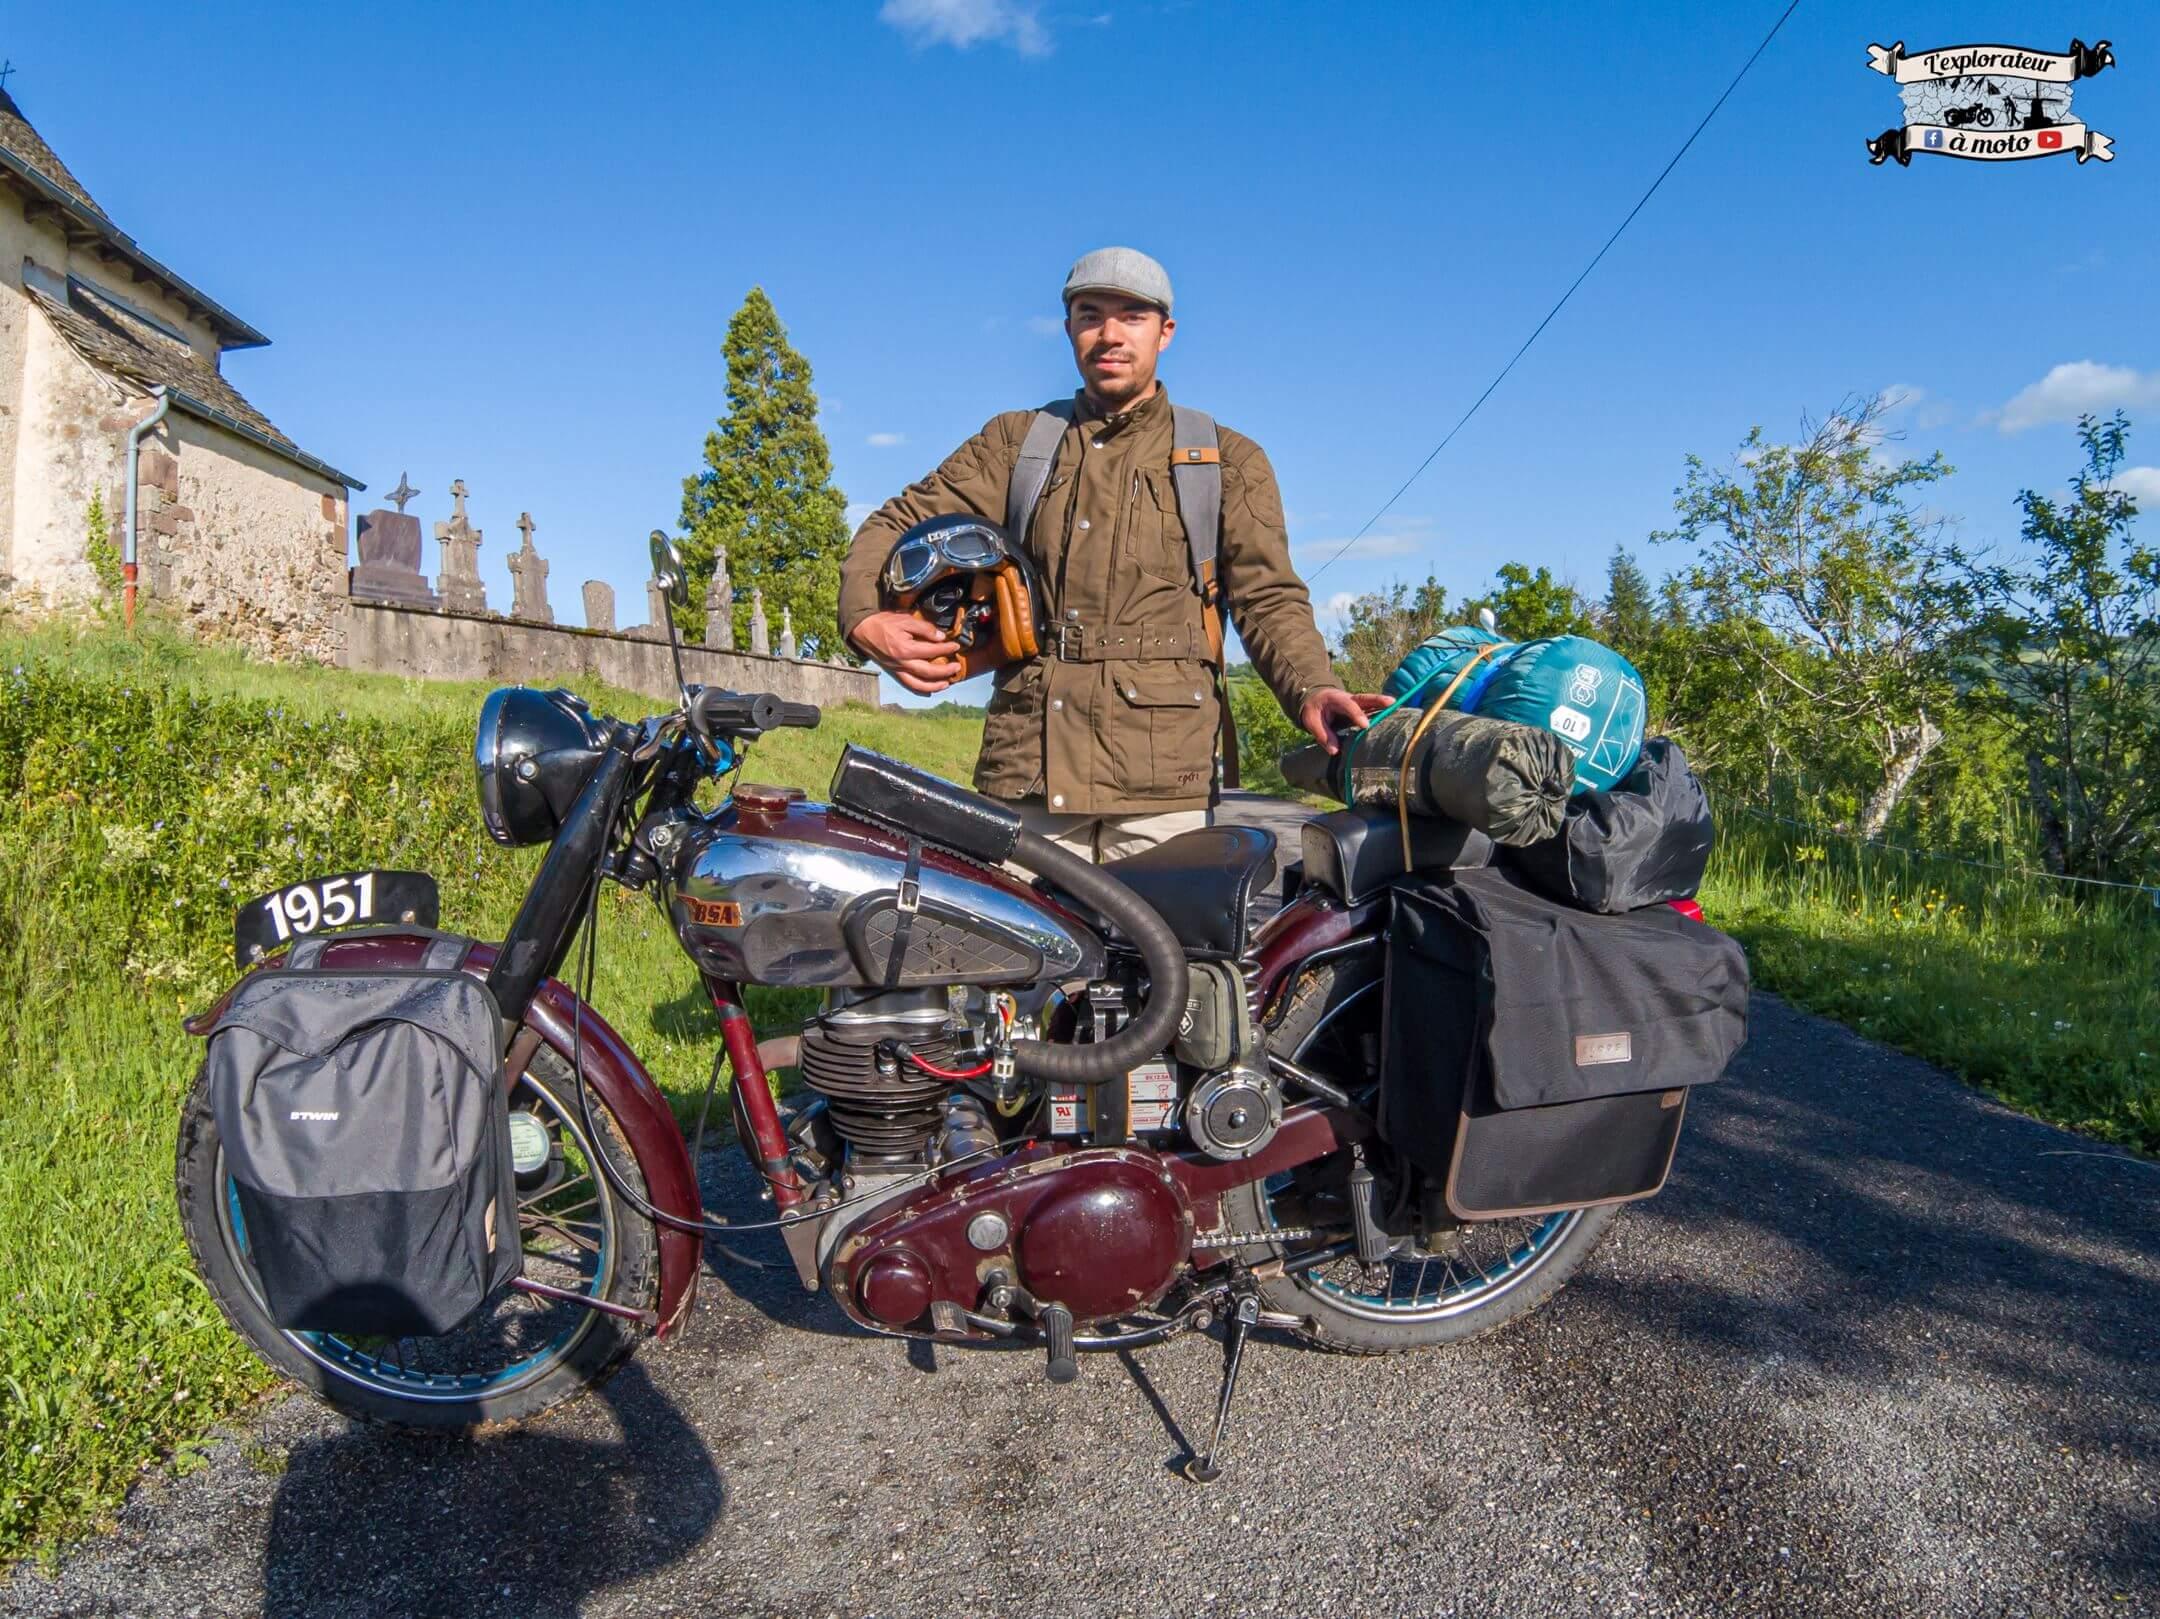 Quentin L'explorateur a moto